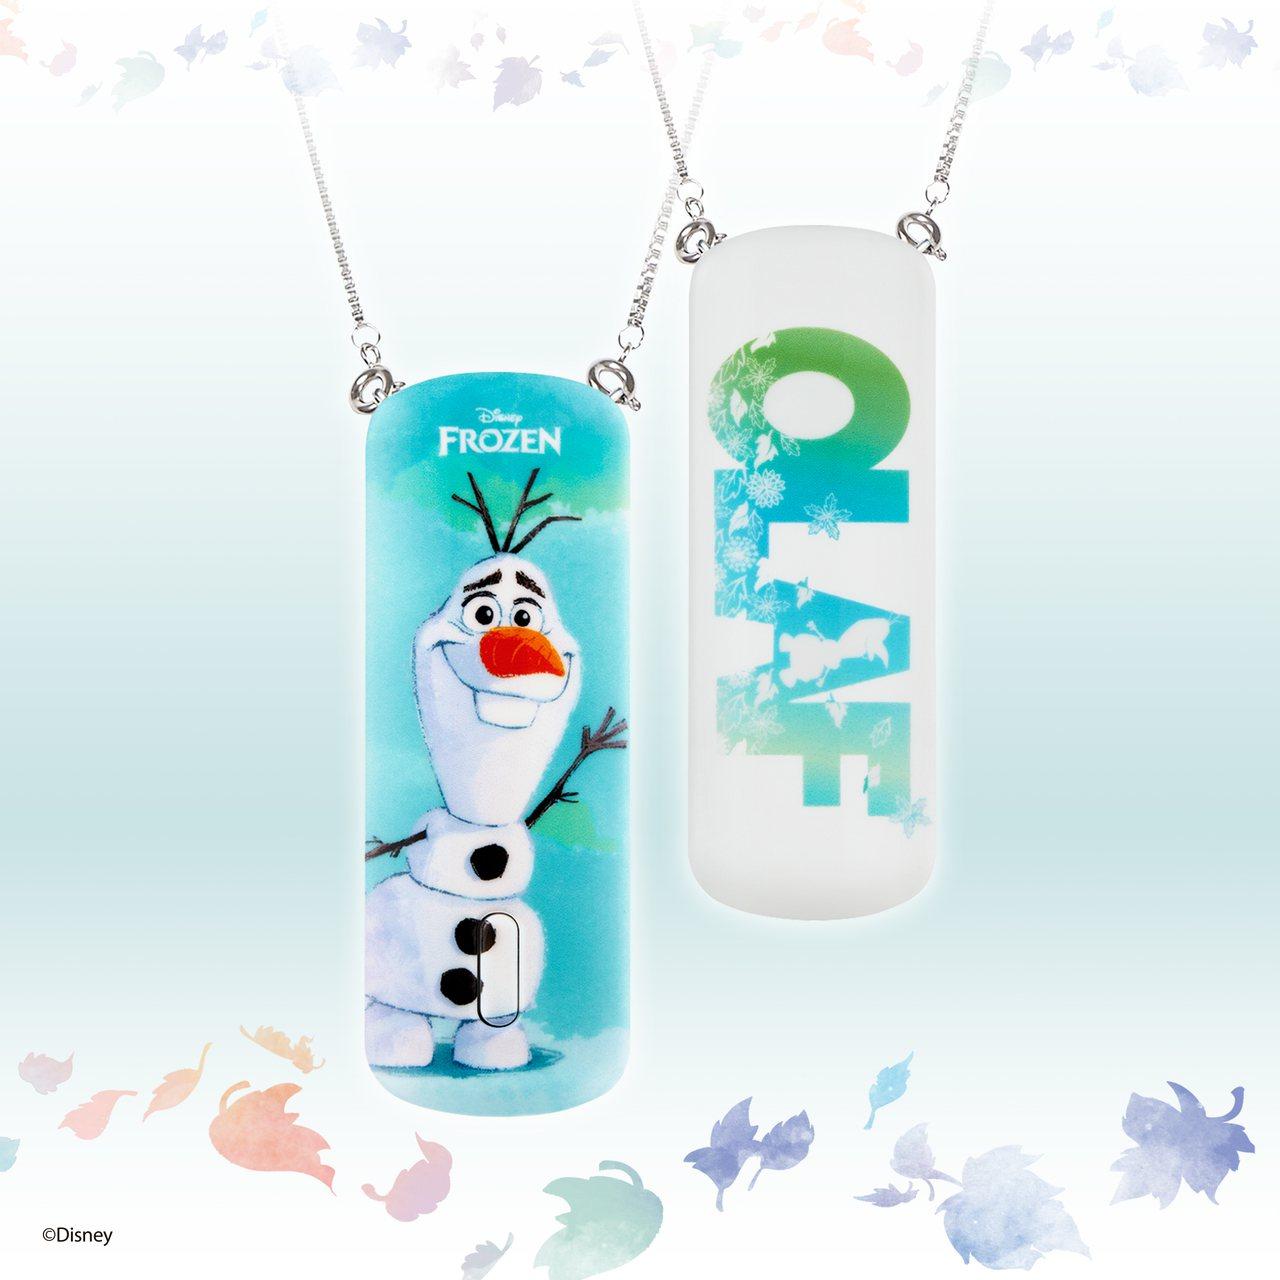 《冰雪奇緣2》隨身負離子空氣清淨機,售價3,680元,7-ELEVEN於11月2...